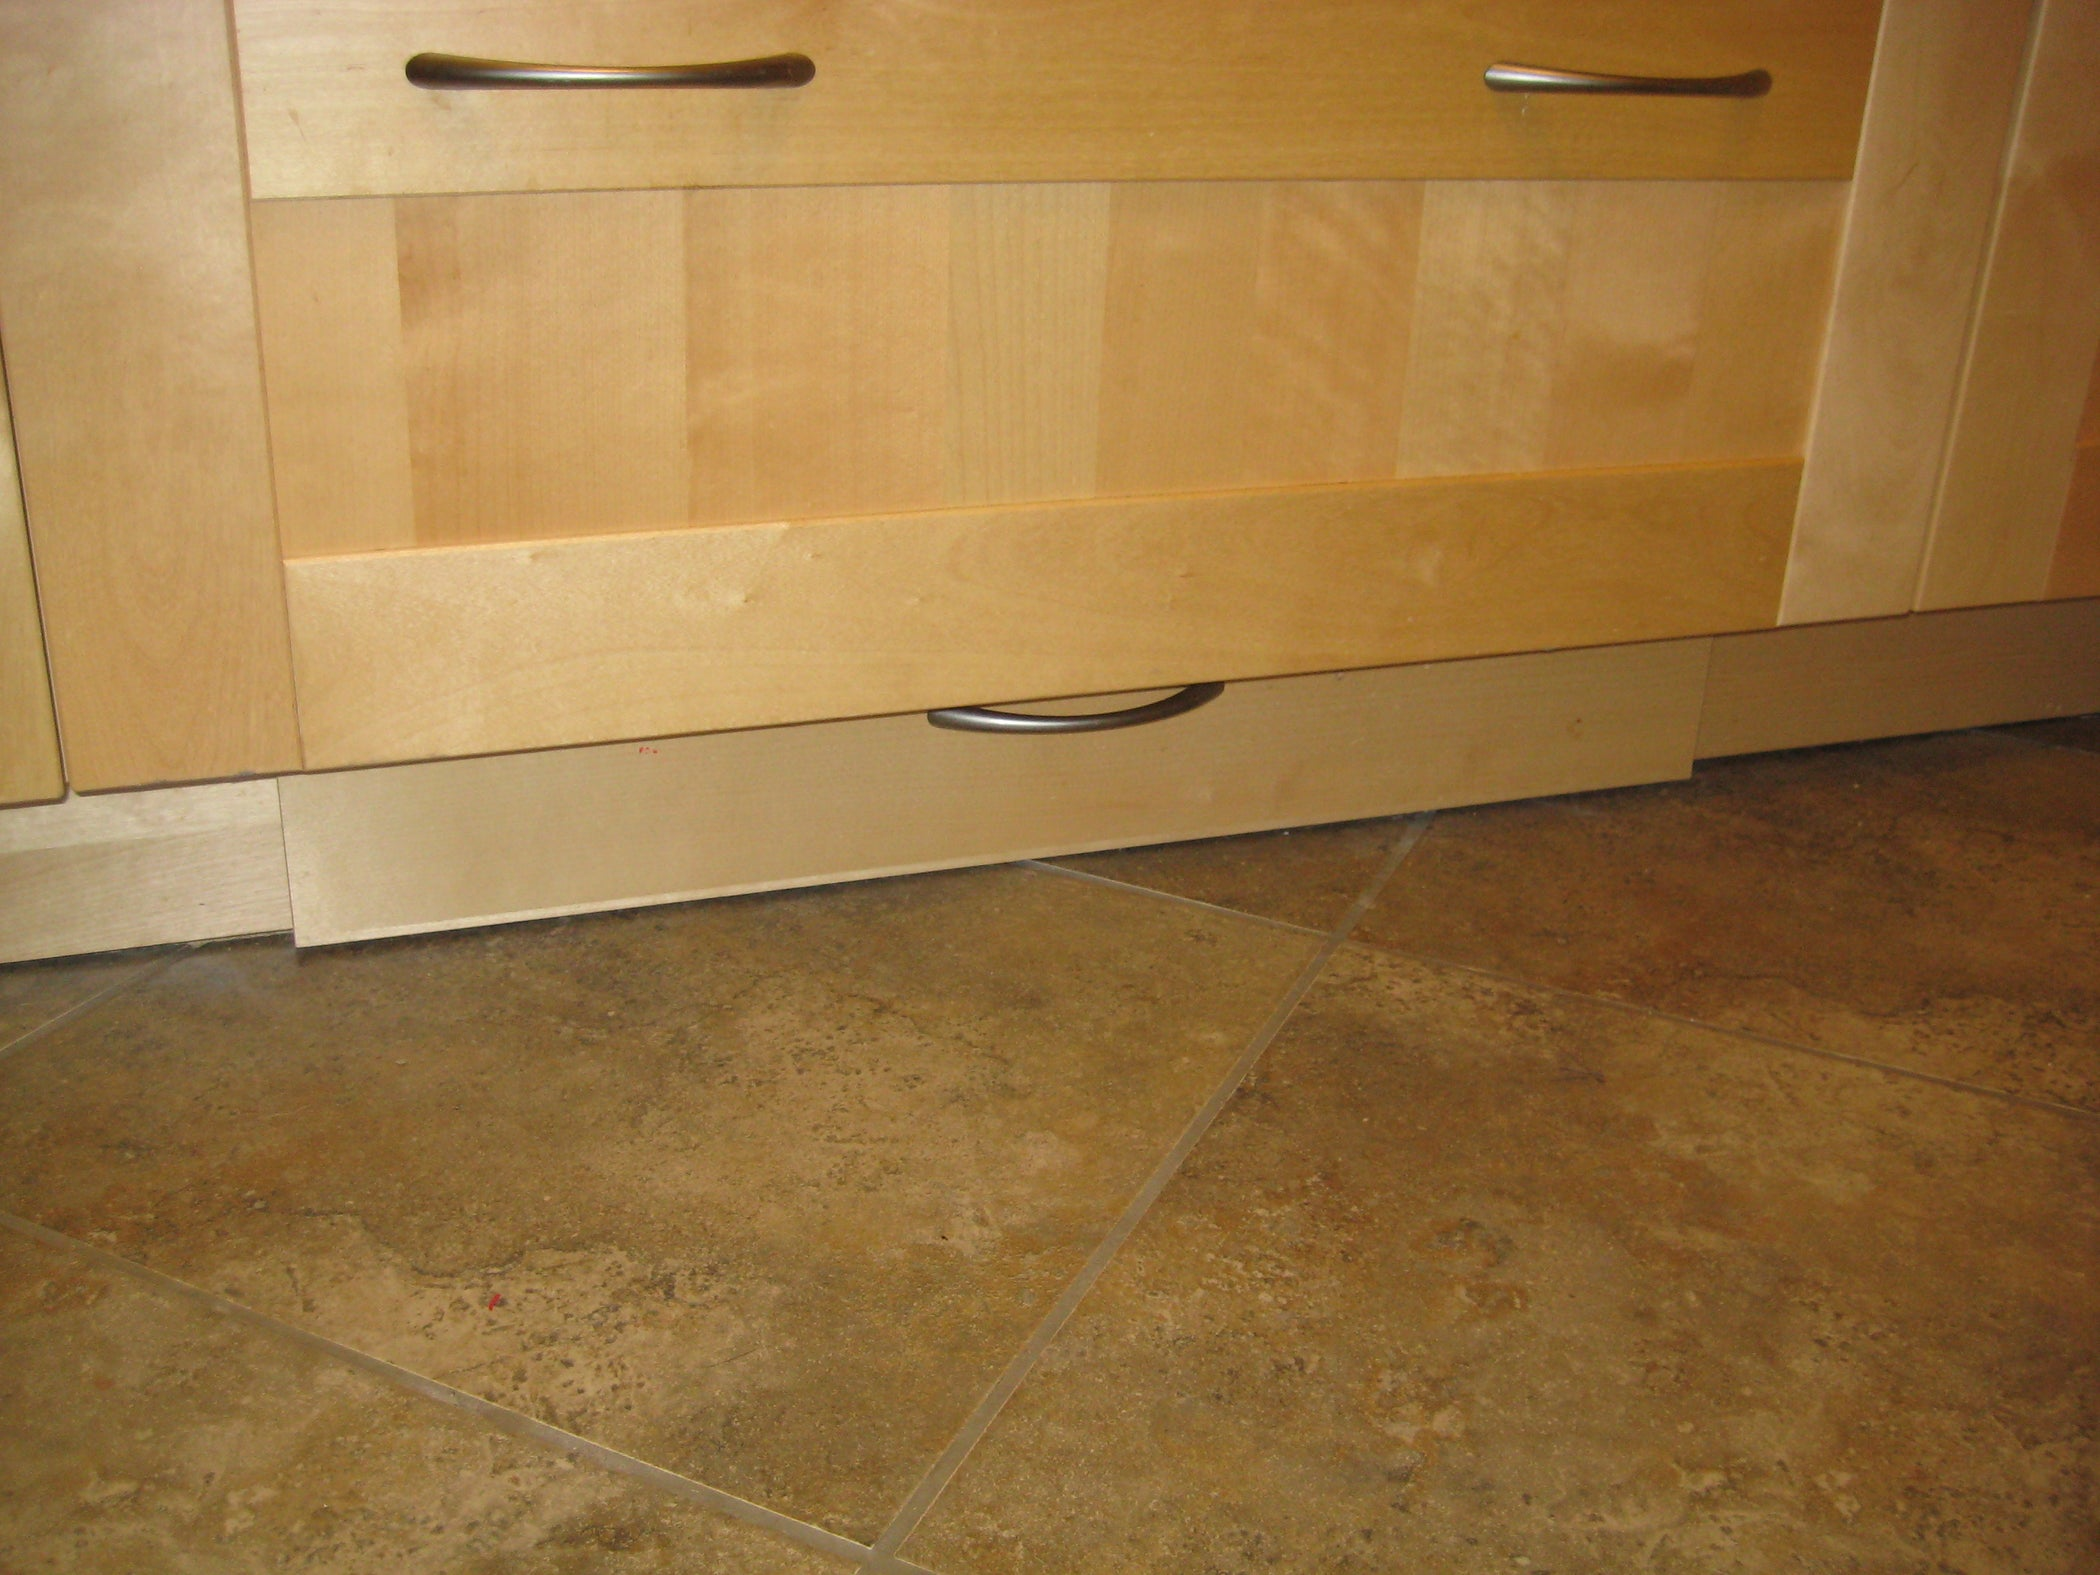 Ikea kitchen toekick drawer 3 steps - Plinthes cuisine ikea ...